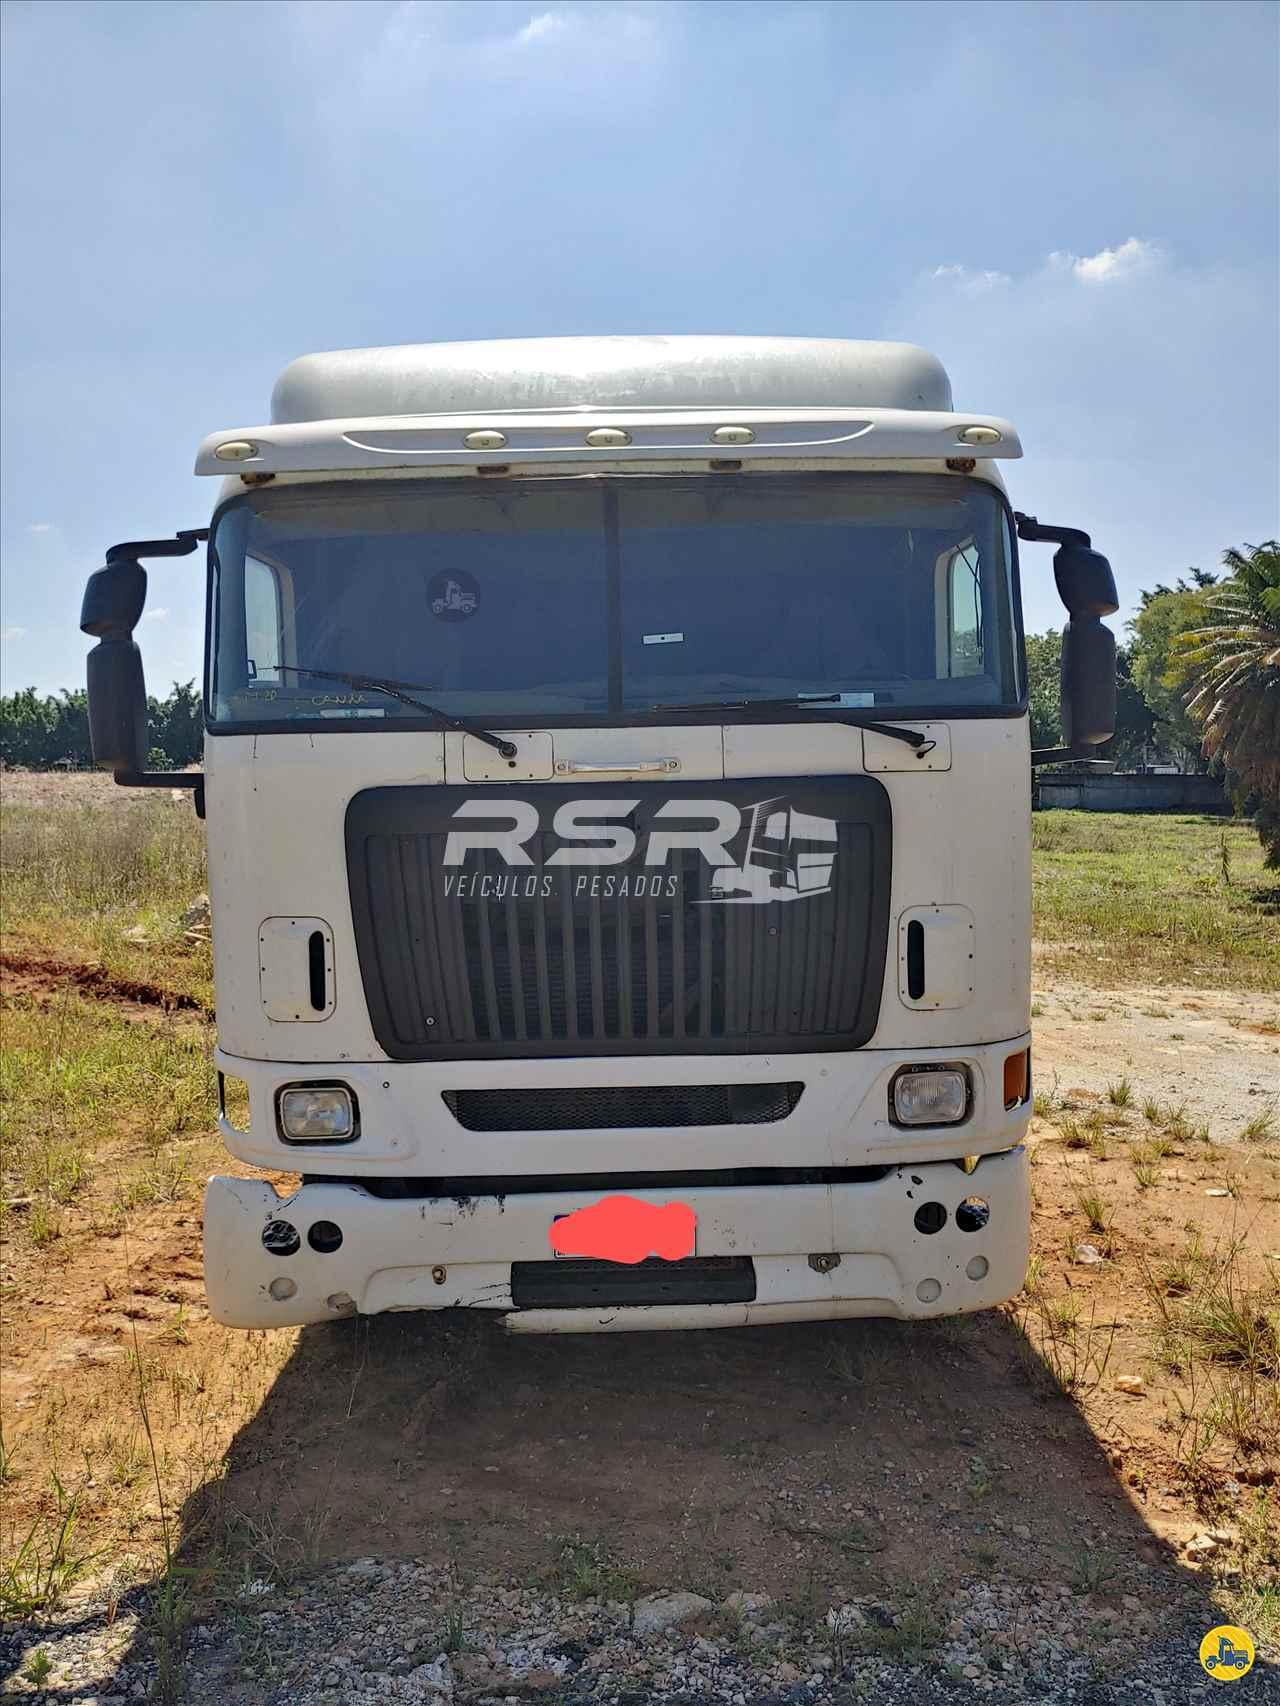 CAMINHAO INTERNATIONAL INTERNATIONAL 9800 Cavalo Mecânico Traçado 6x4 RSR Veículos Pesados SAO PAULO SÃO PAULO SP